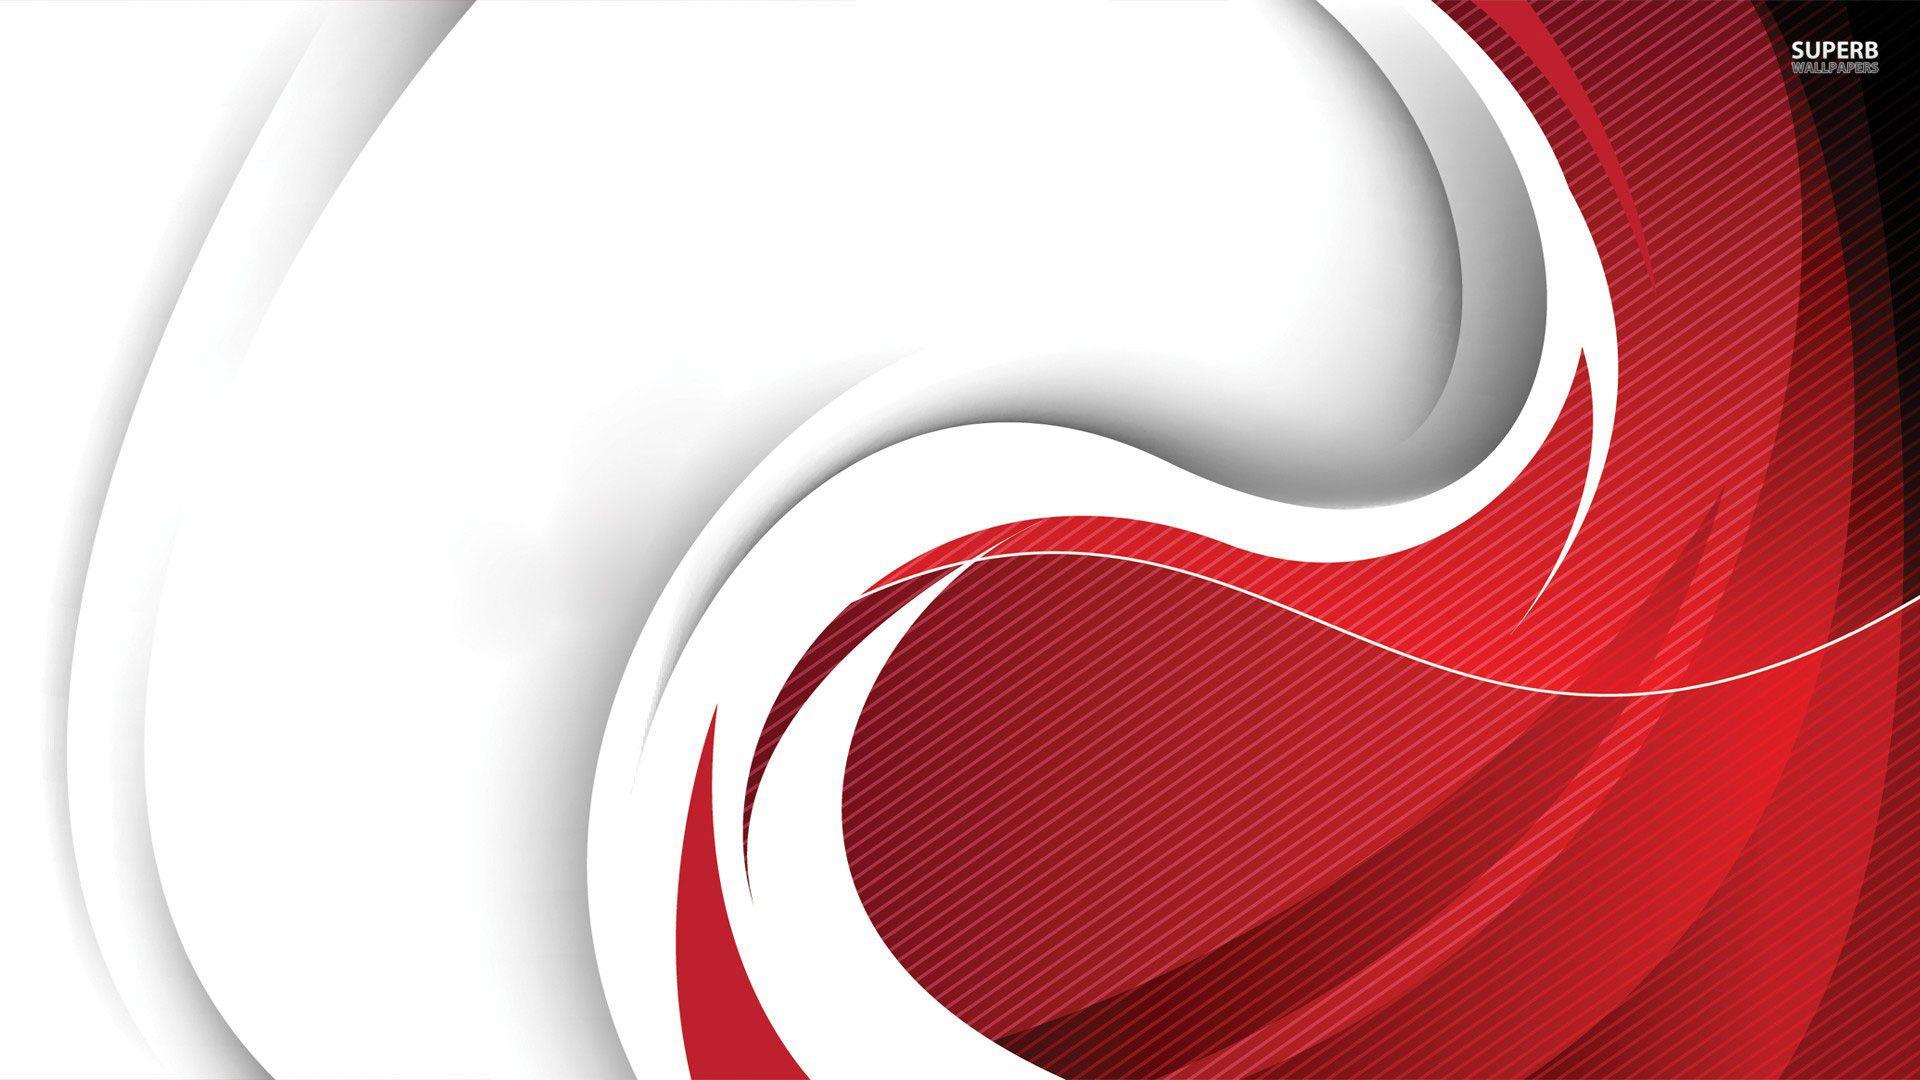 Red And White Wallpaper Https Wallpapersko Com Red And White Wallpaper Html Wallpaper White Background Wallpaper Red And White Wallpaper White Wallpaper